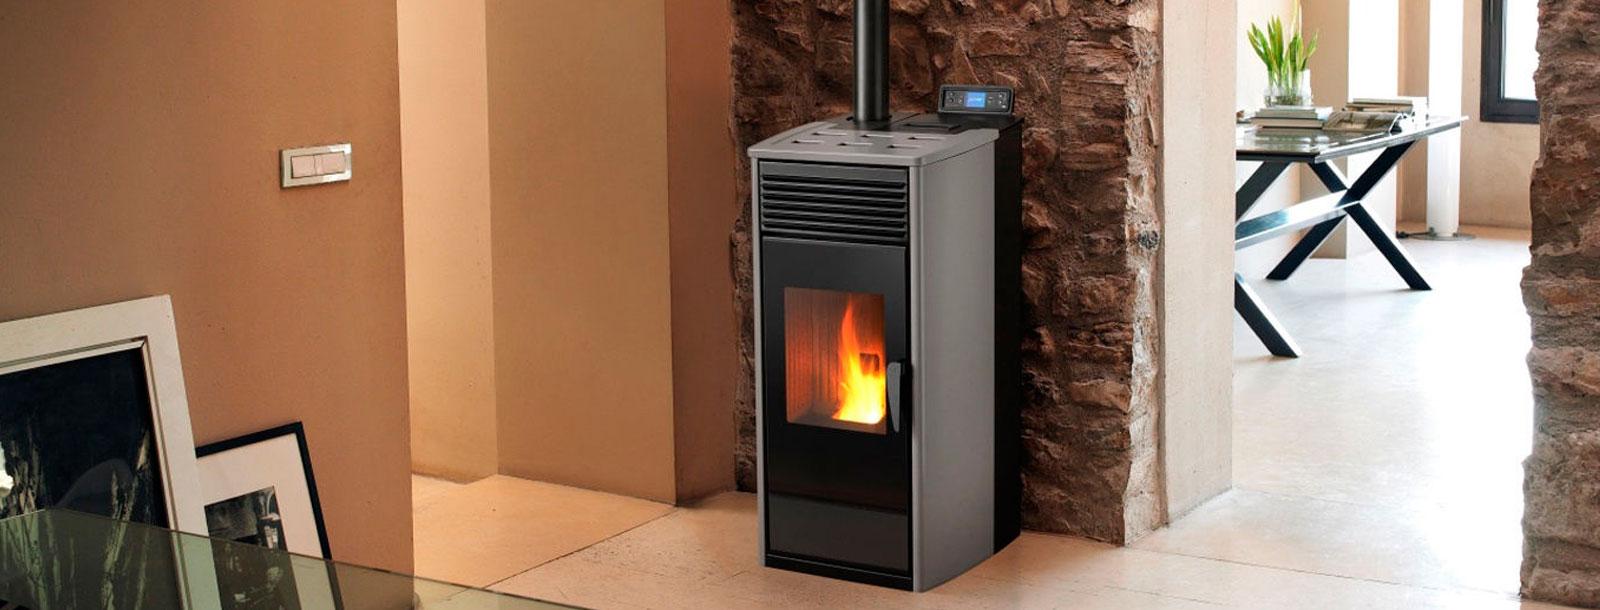 Puro Pellet: Estufas a pellet, un calor de hogar que llegó para quedarse